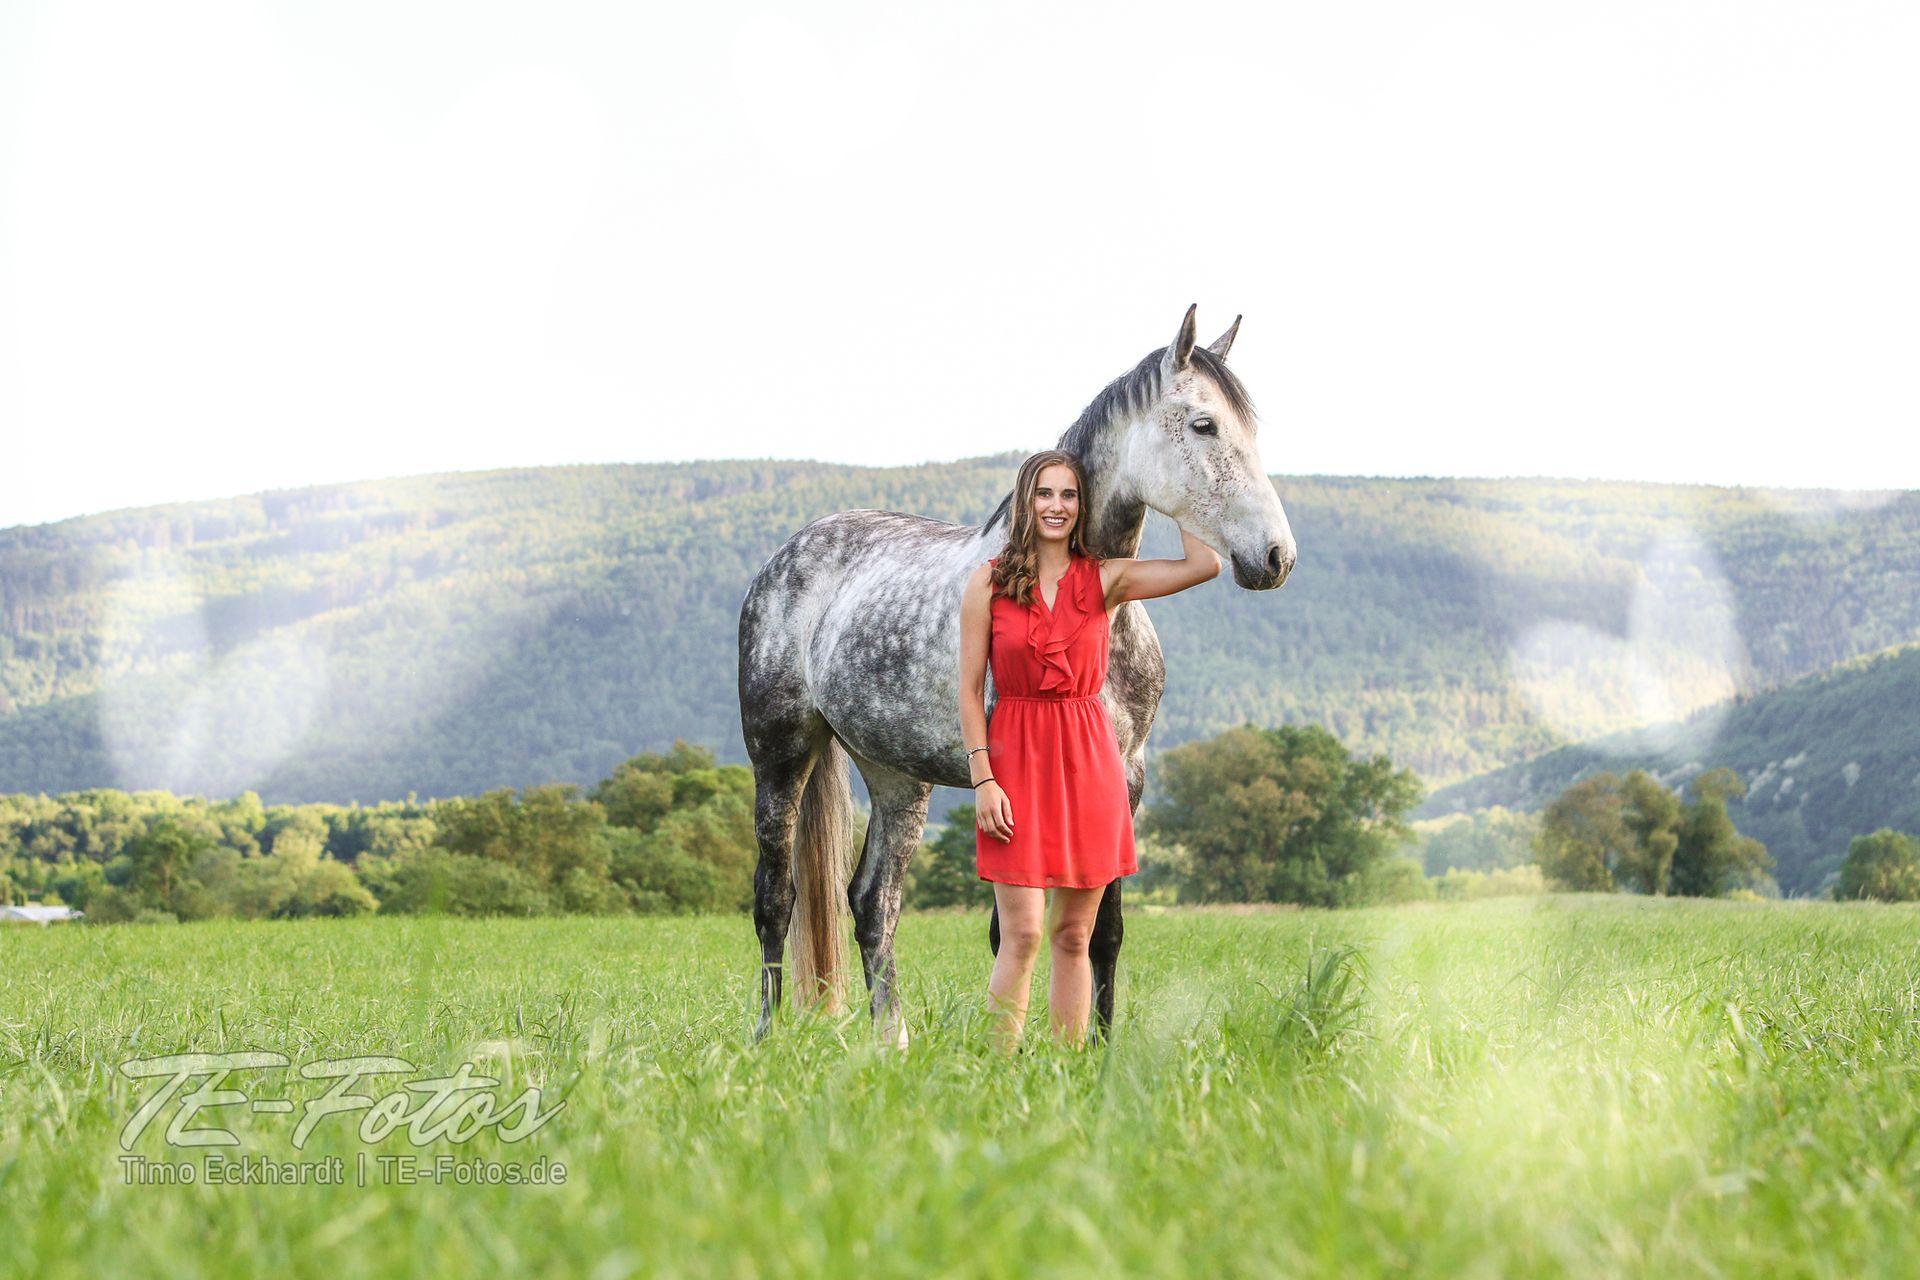 Tiershooting mit Pferd, Hund oder anderen Tieren